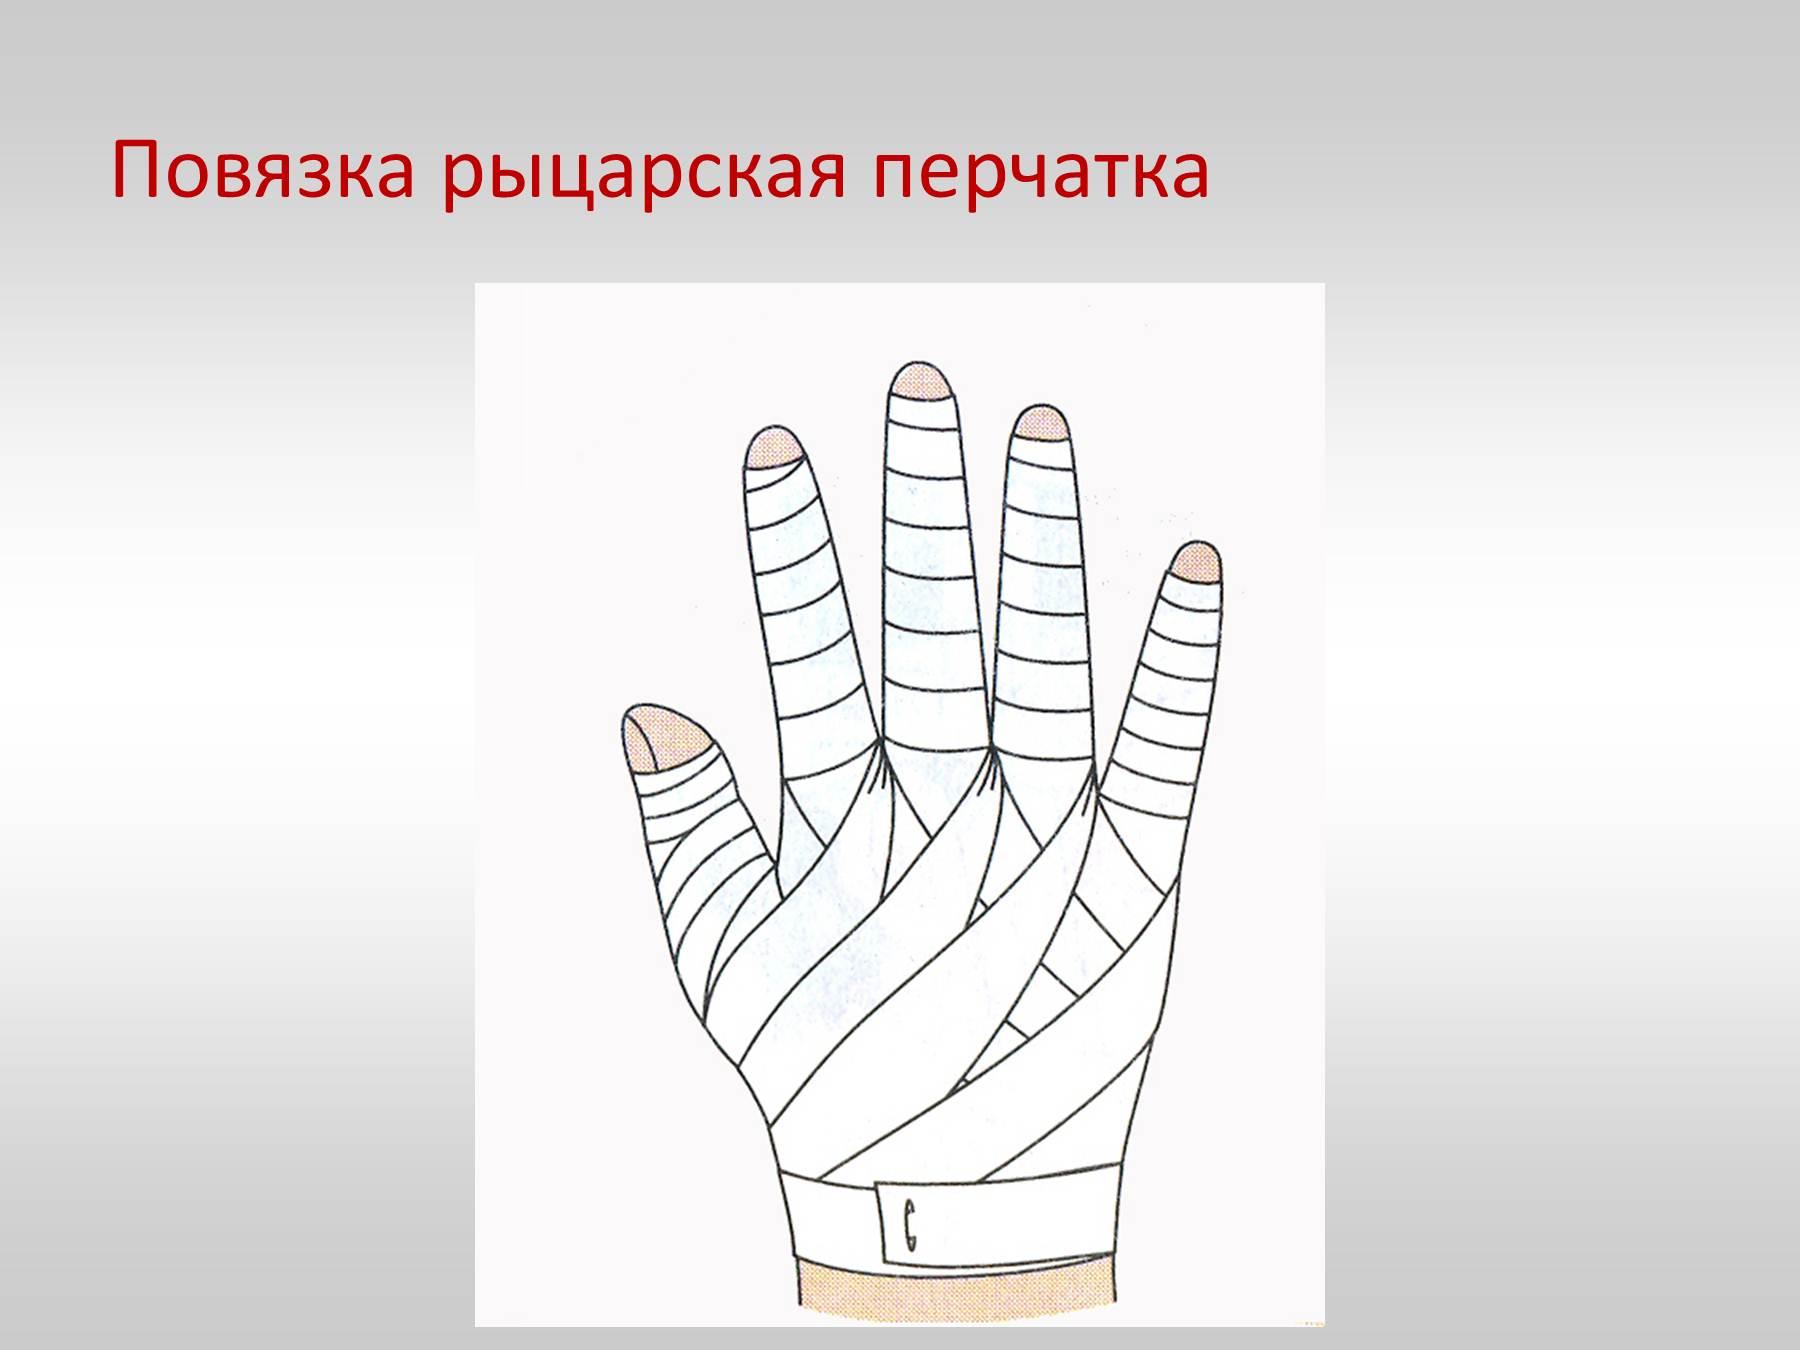 Как правильно сделать перевязку пальца руки